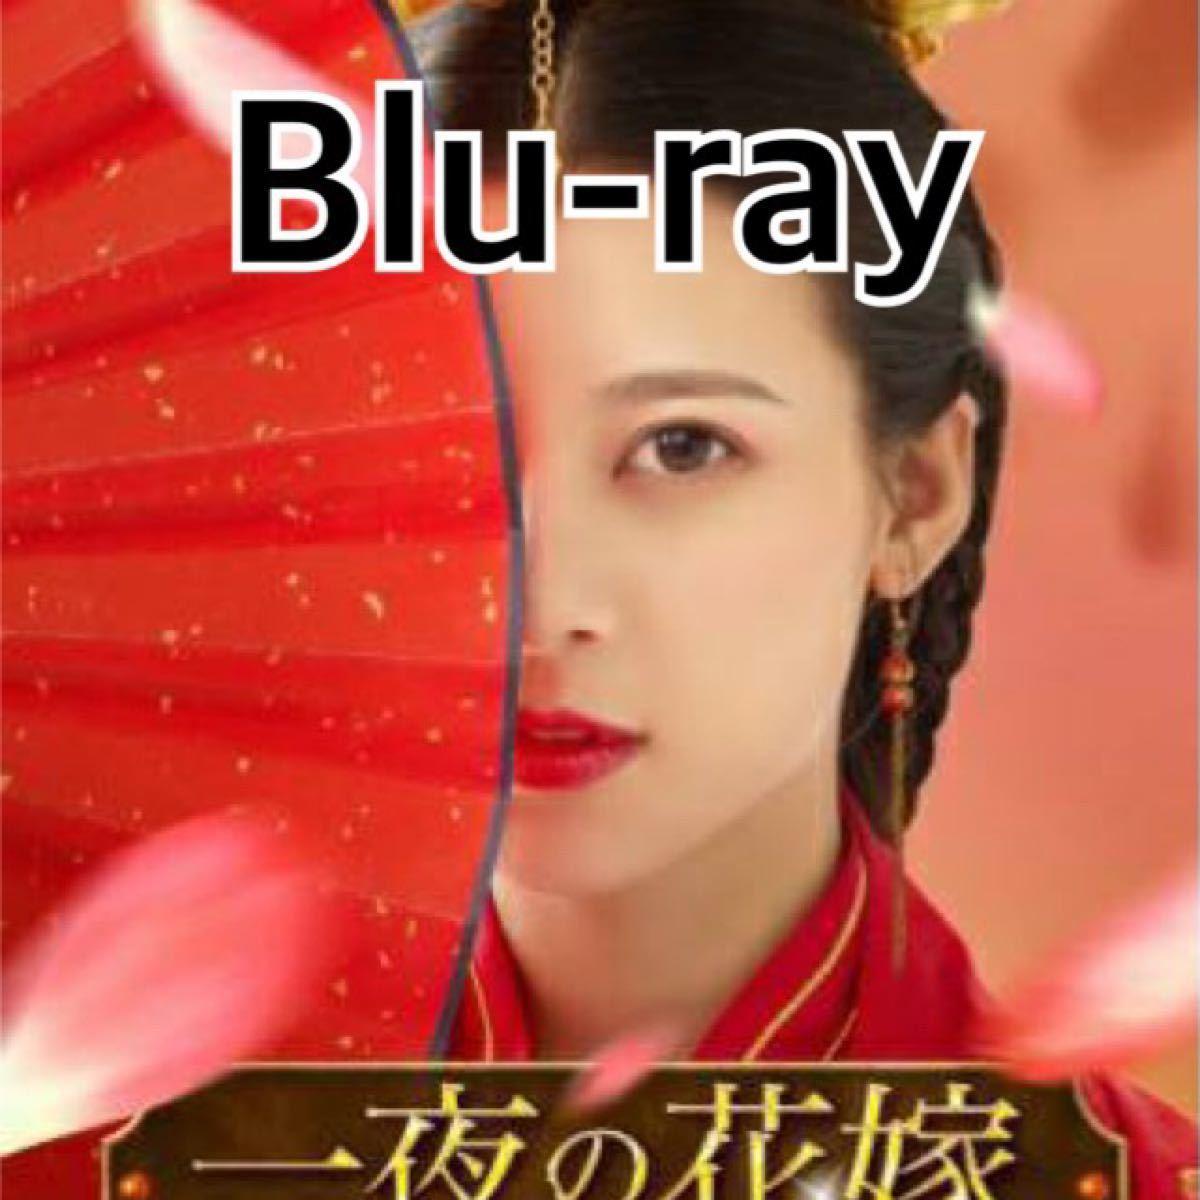 中国ドラマ 一夜の花嫁〜Pirates of Destiny〜 Blu-ray